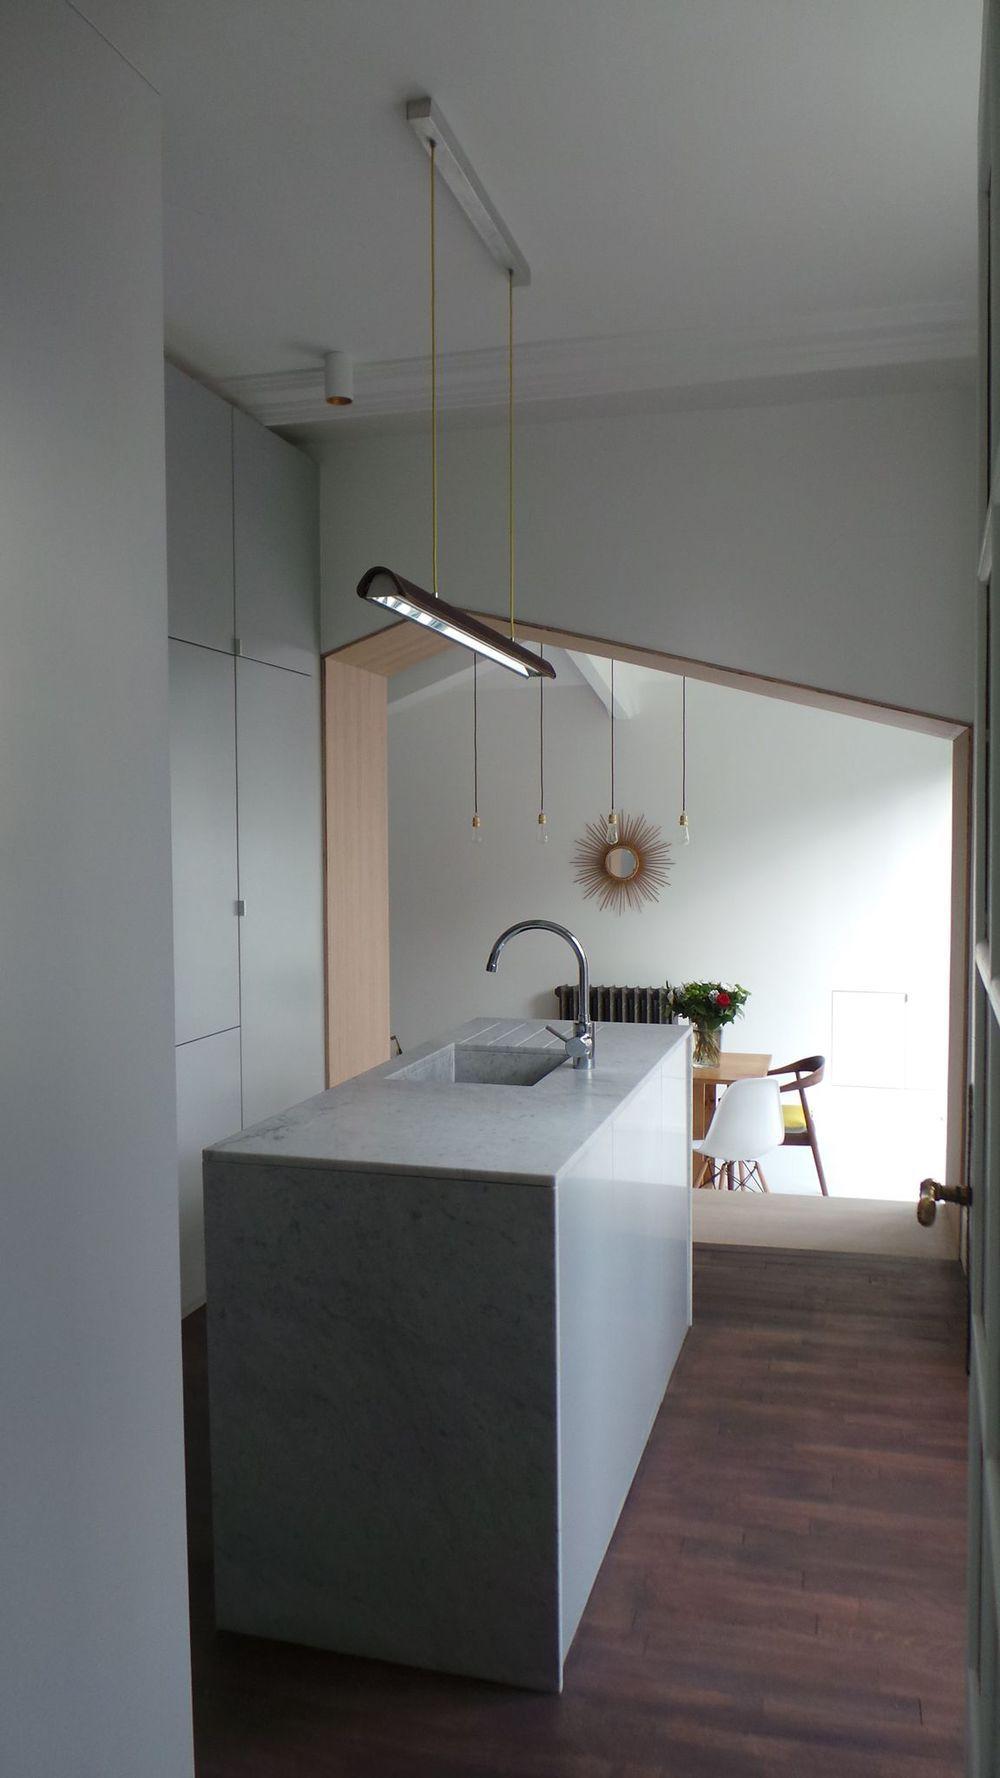 la maison france 5 : où vit l'architecte gaëlle cuisy ? | idées